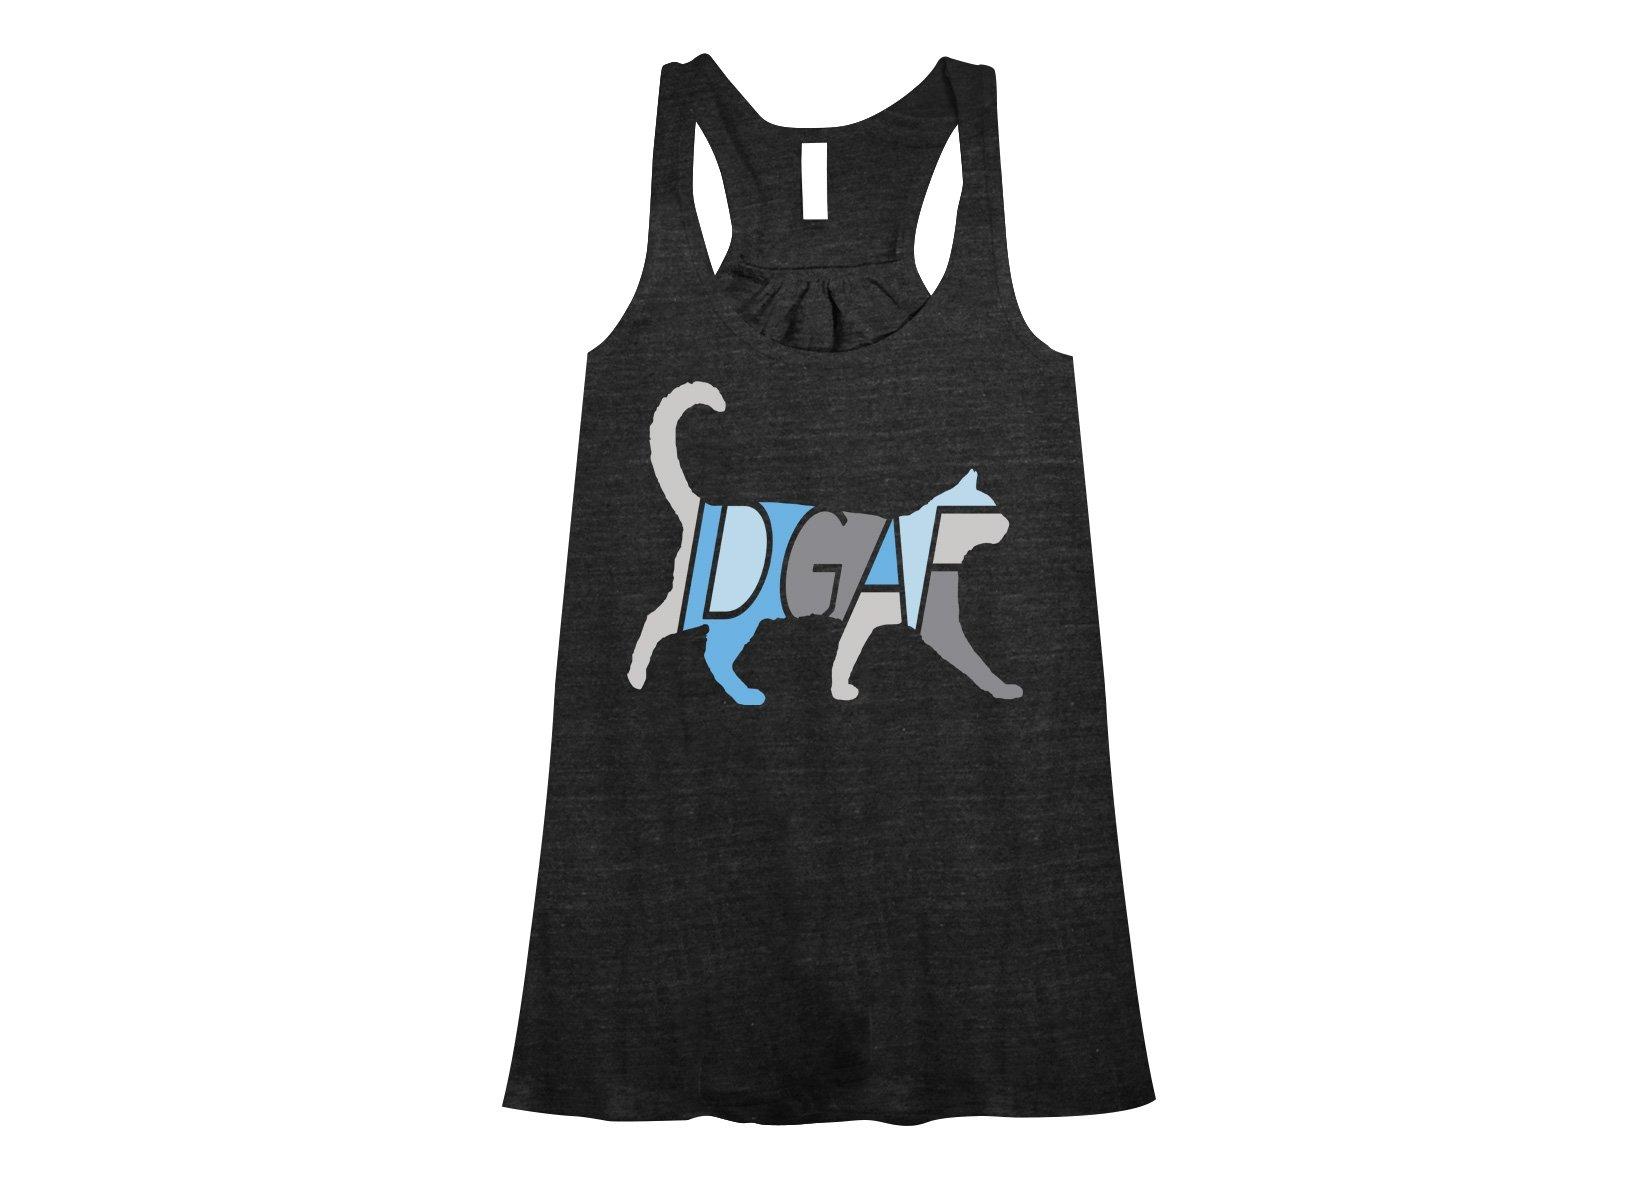 IDGAF on Womens Tanks T-Shirt